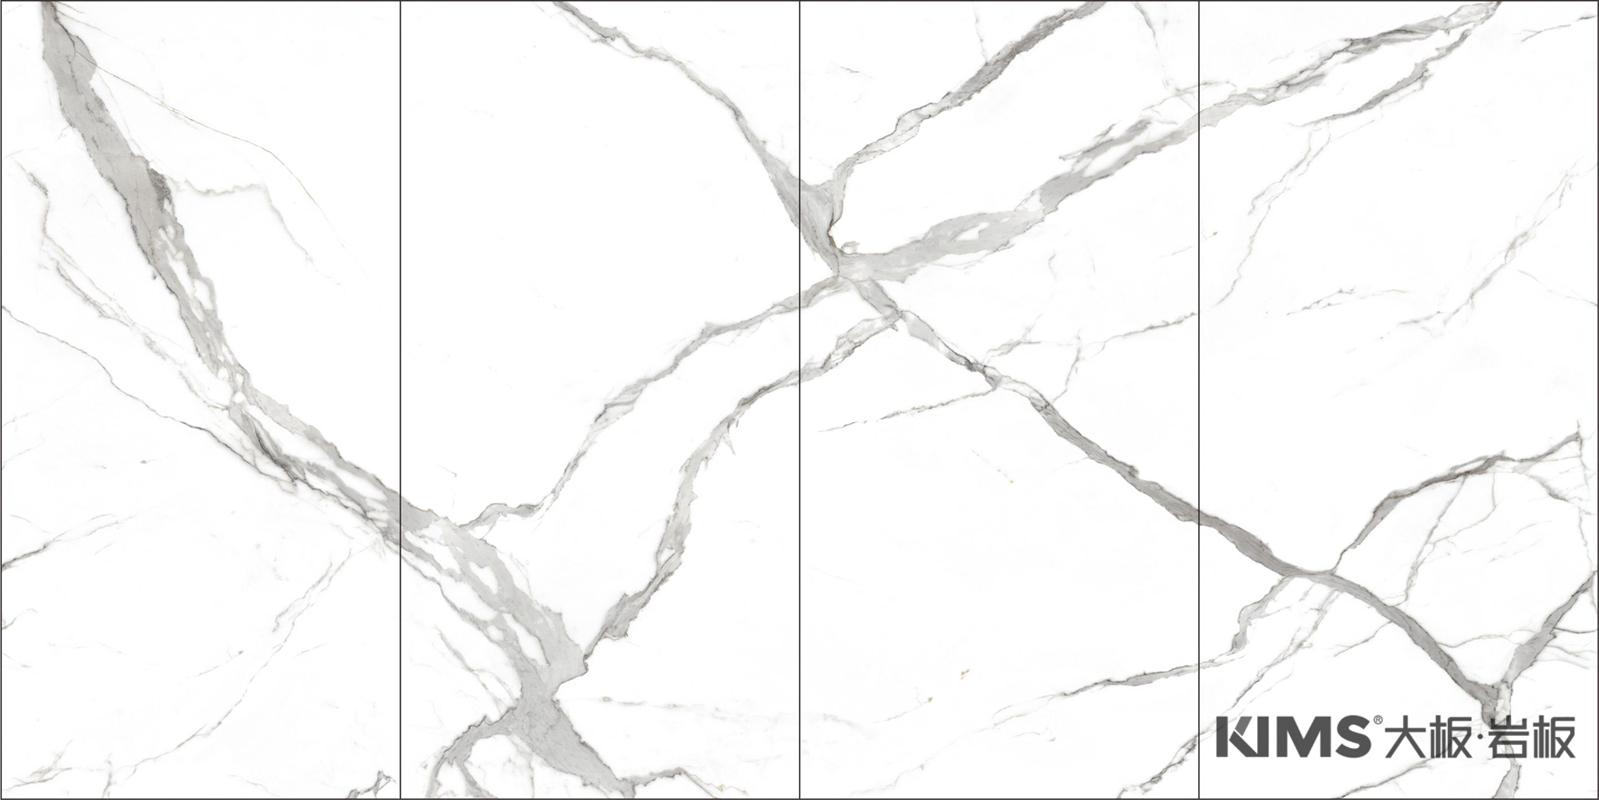 千山暮雪(亮光)1S06QD120260-1071G